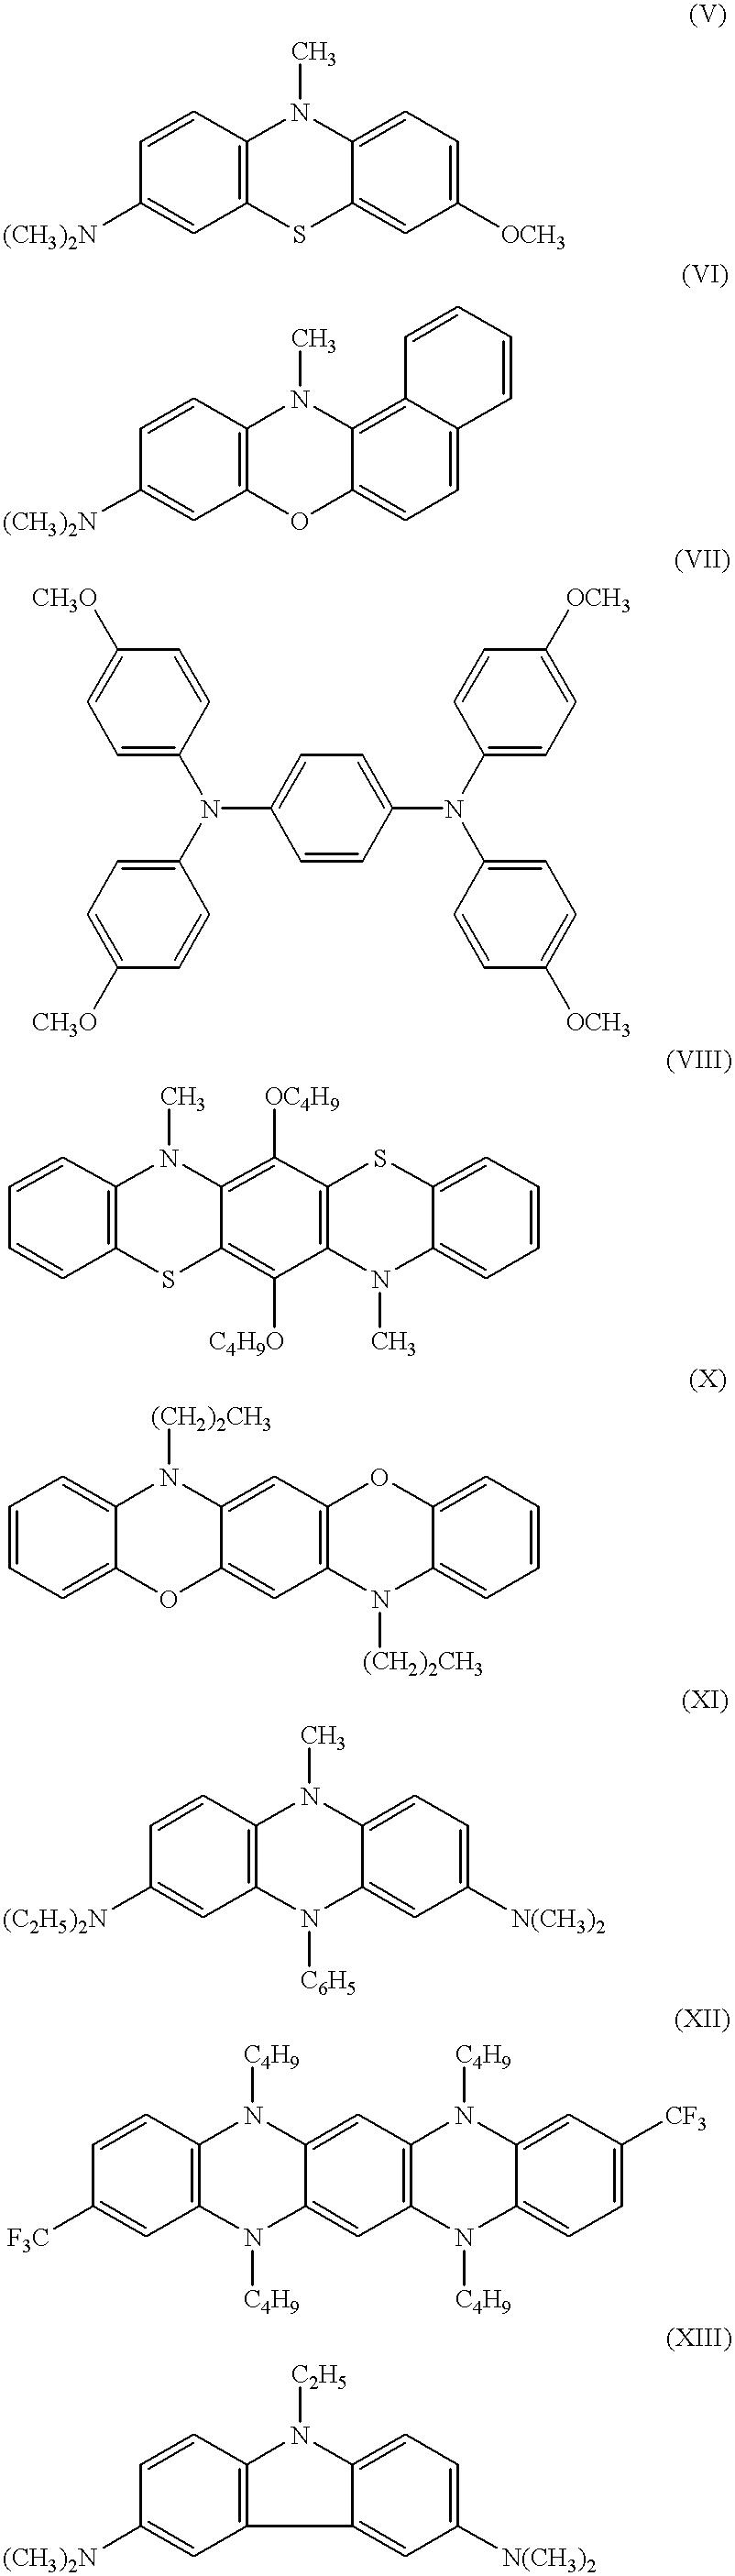 Figure US06193912-20010227-C00017